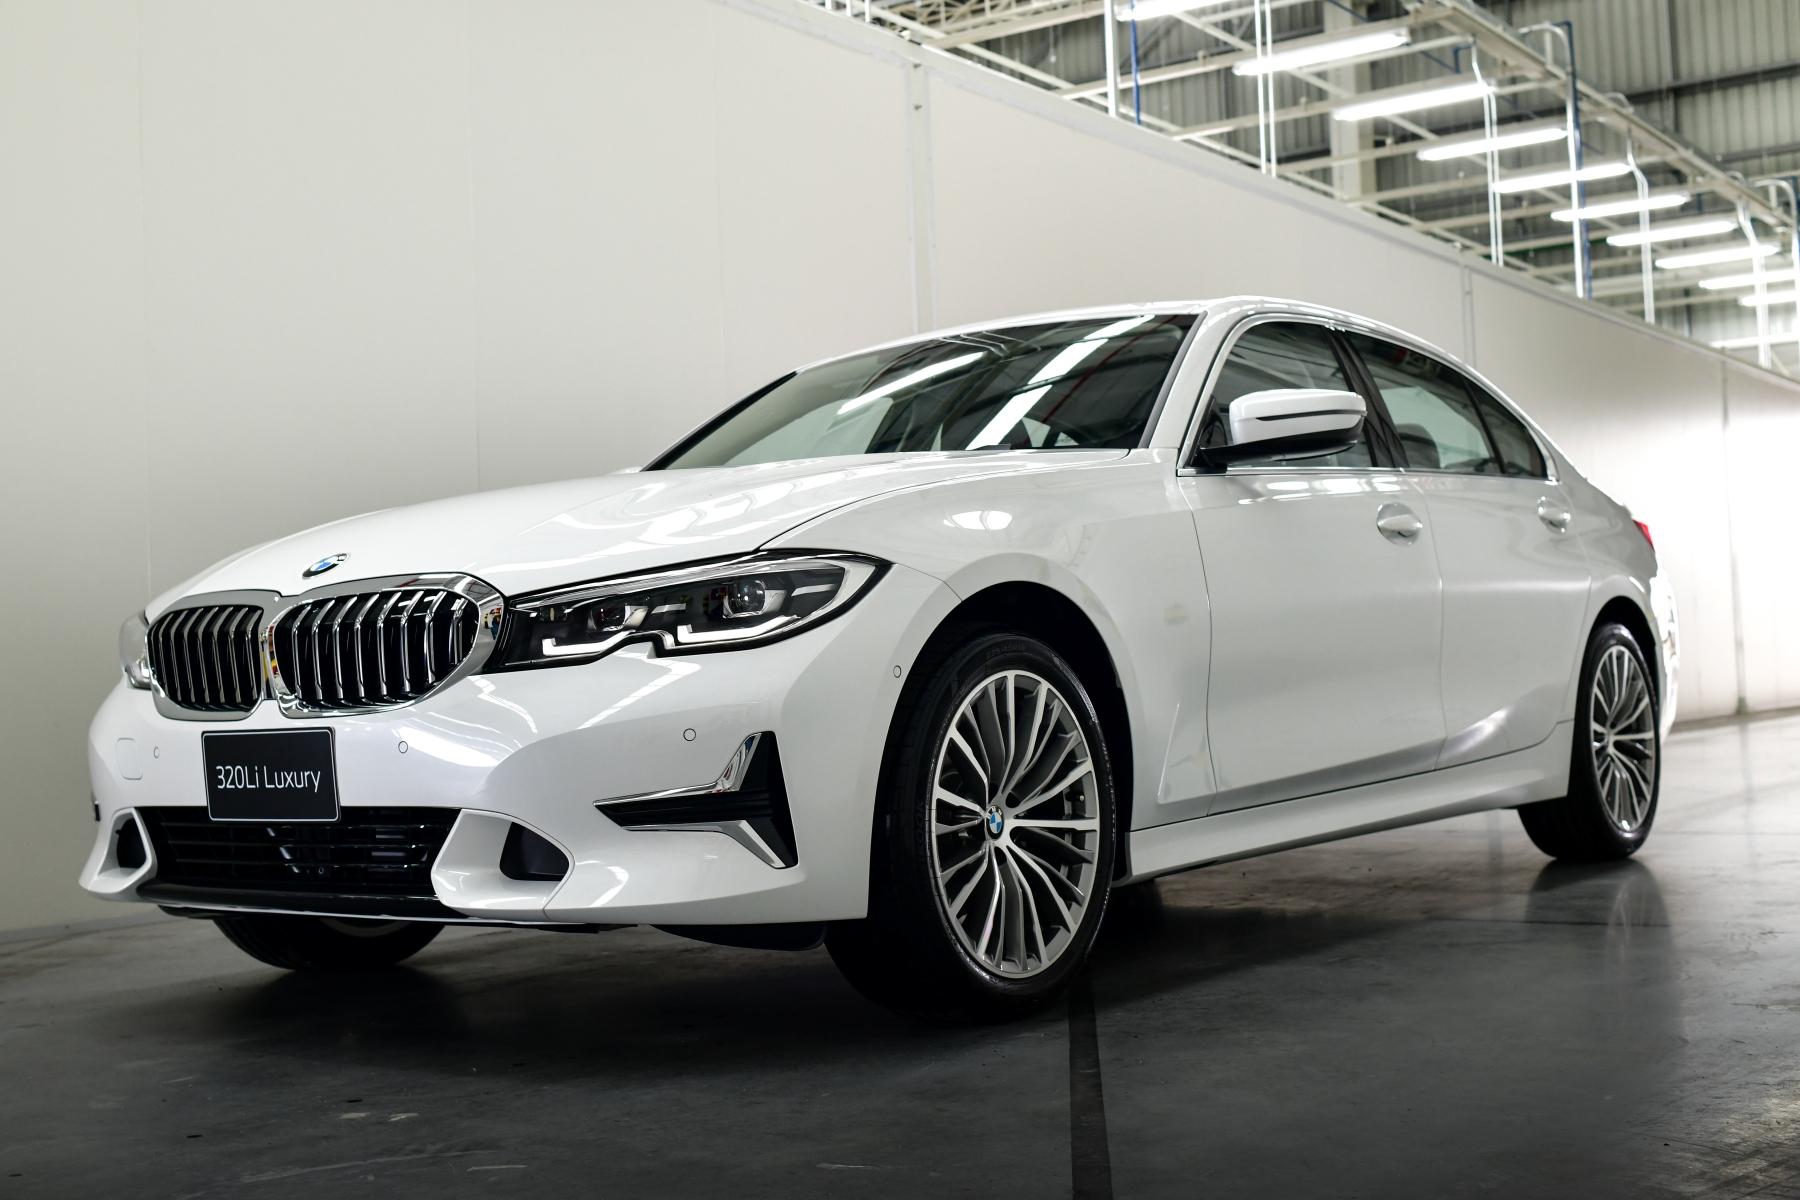 BMW 320Li Luxury AutoinfoOnline (2)